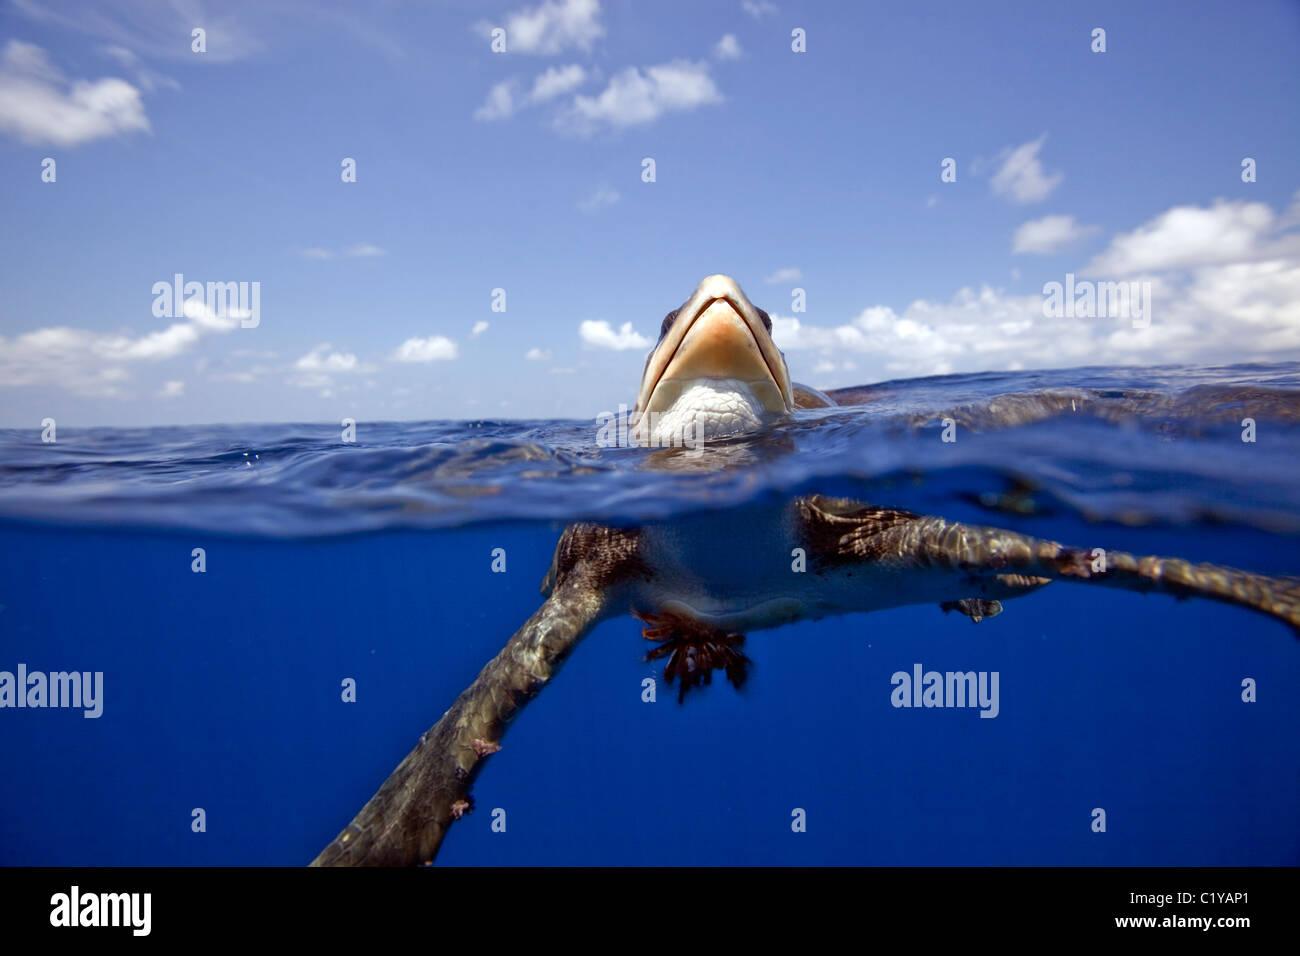 Eine geteilte Wasser Ansicht der seltenen Ridley Meeresschildkröten auf der Cocos-Insel vor der Küste Stockbild